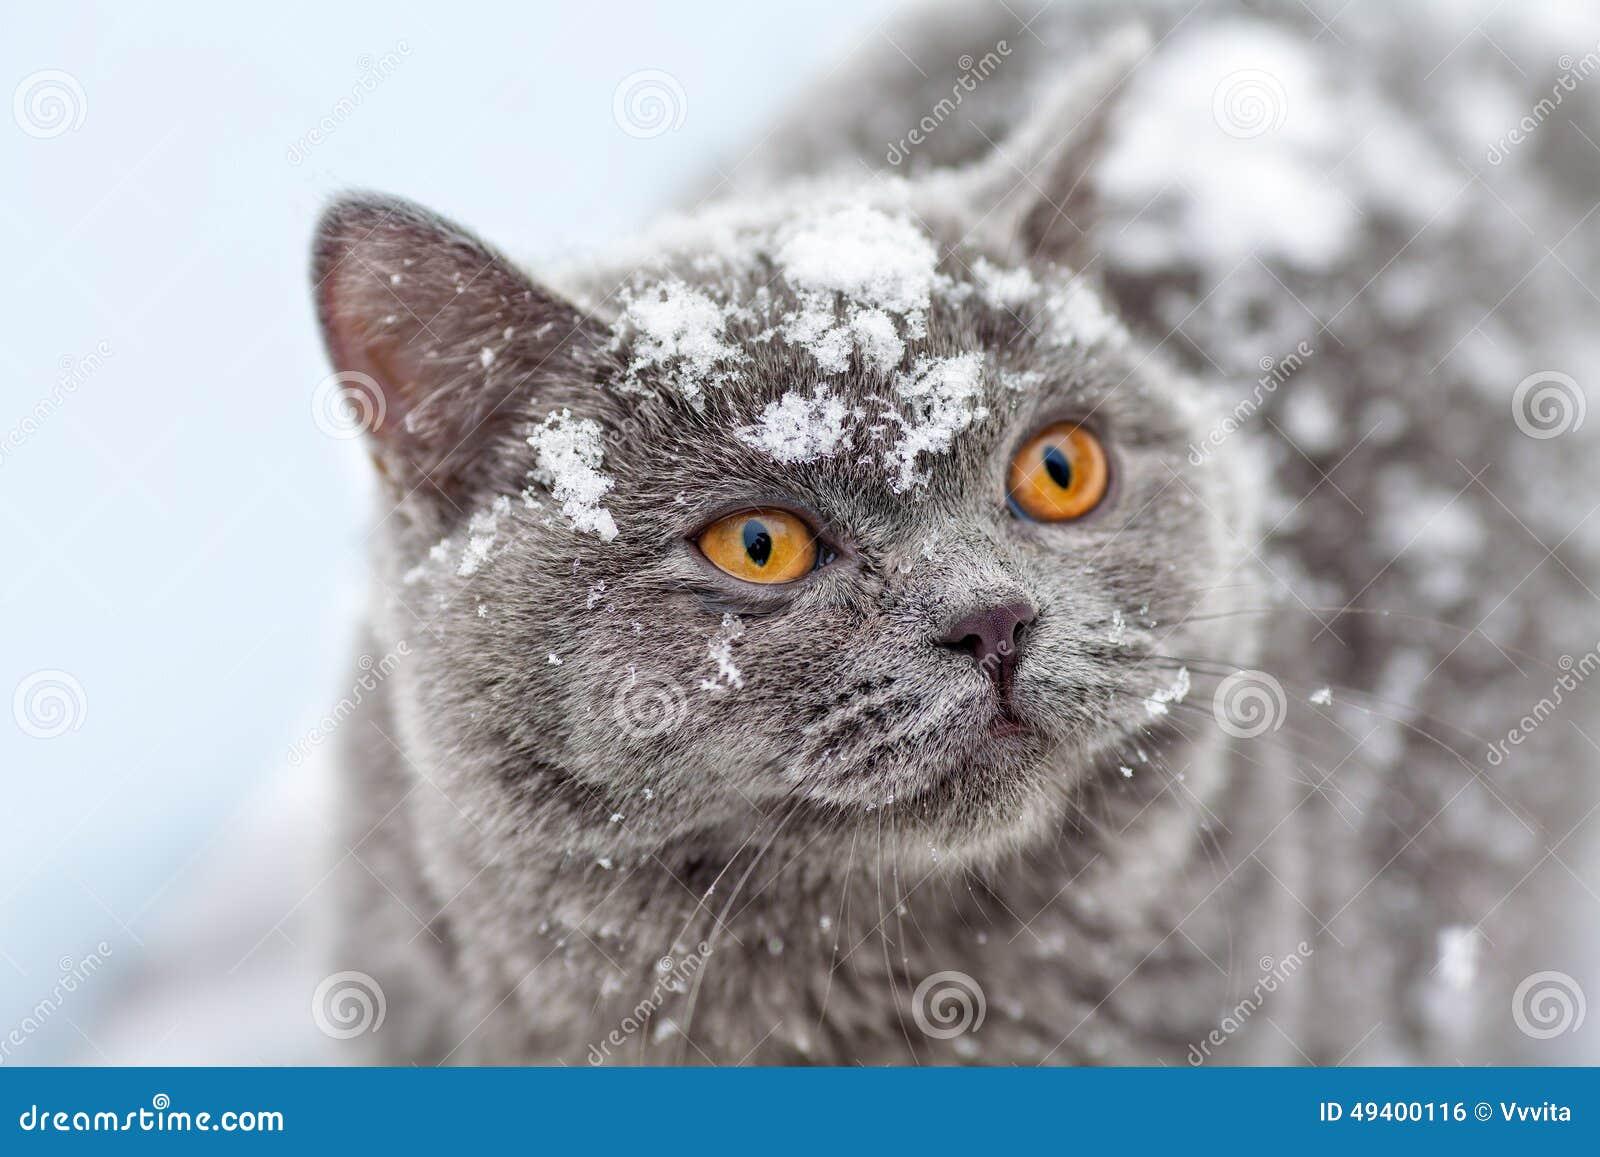 Download Katze im Schnee stockfoto. Bild von nett, abdeckung, fall - 49400116